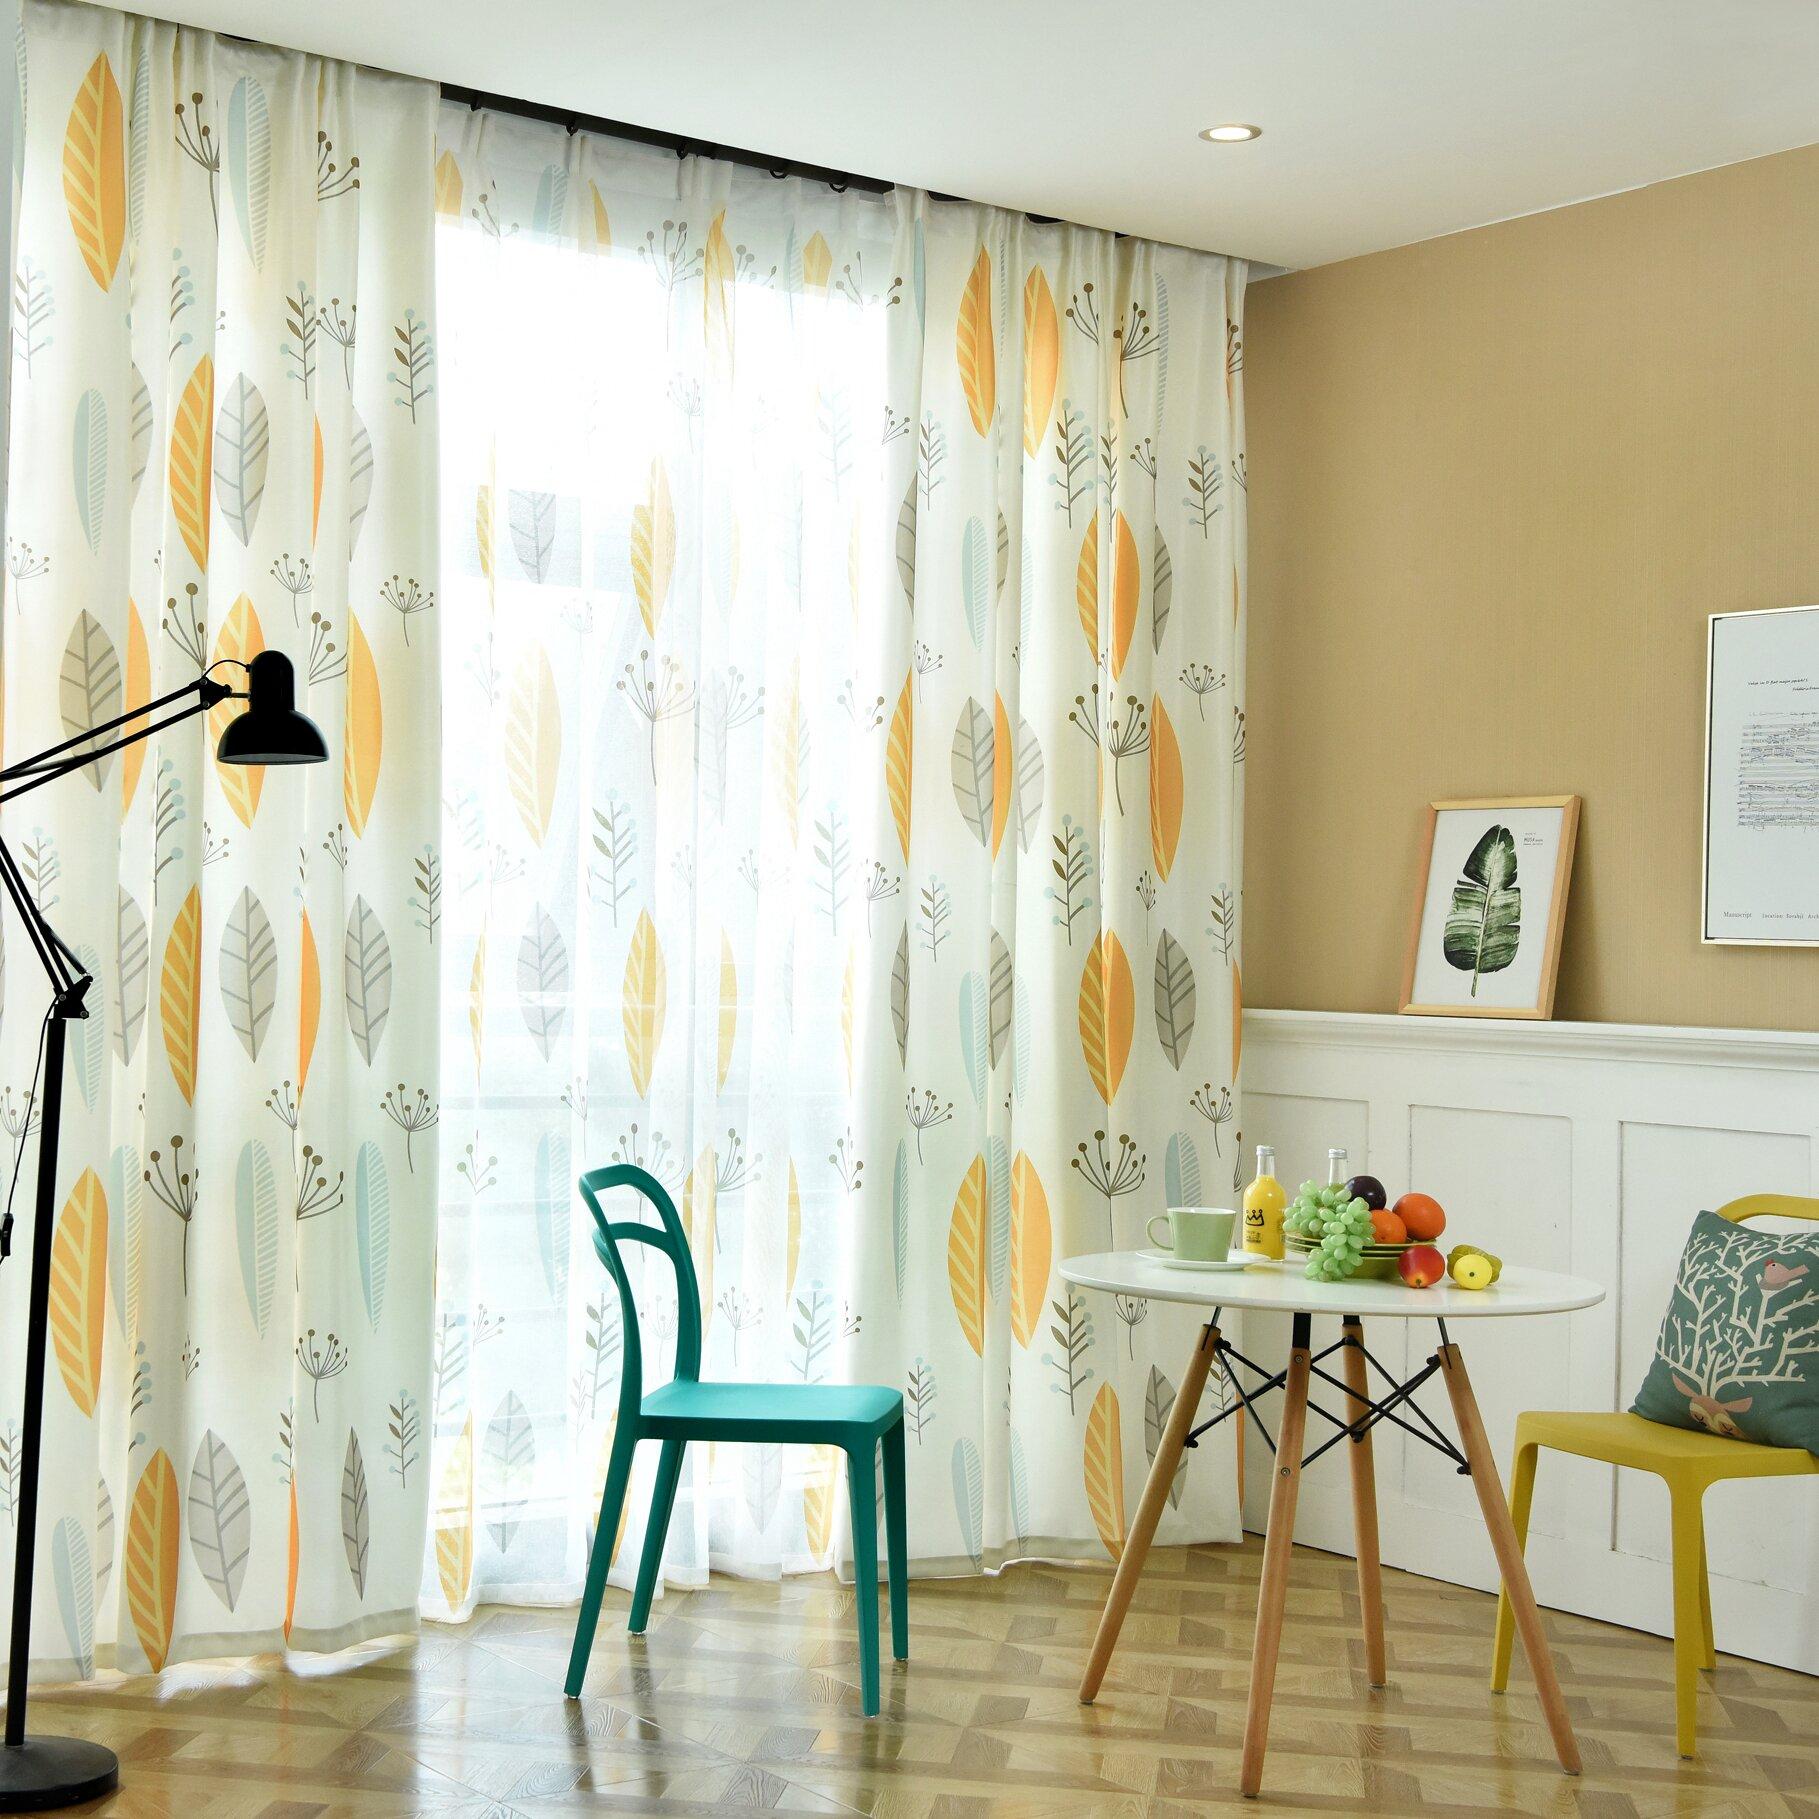 Rèm gió Bắc Âu đơn giản hiện đại nhỏ rèm tươi phòng ngủ den ban công phòng khách rèm - Phụ kiện rèm cửa